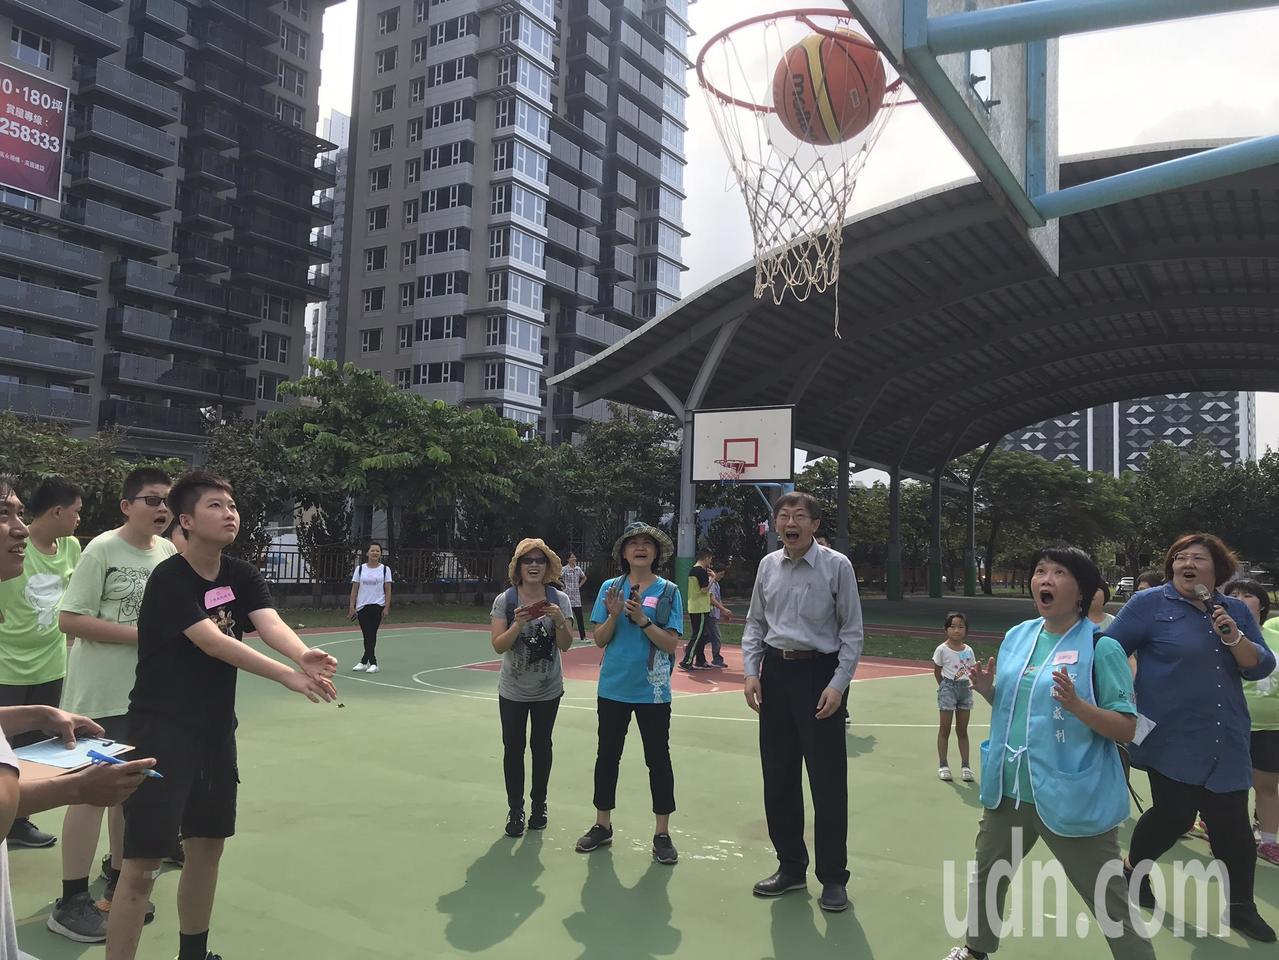 「小胖作伙愛運動」身心障礙綜合性運動會,選手開心參加投籃比賽。記者徐如宜/攝影